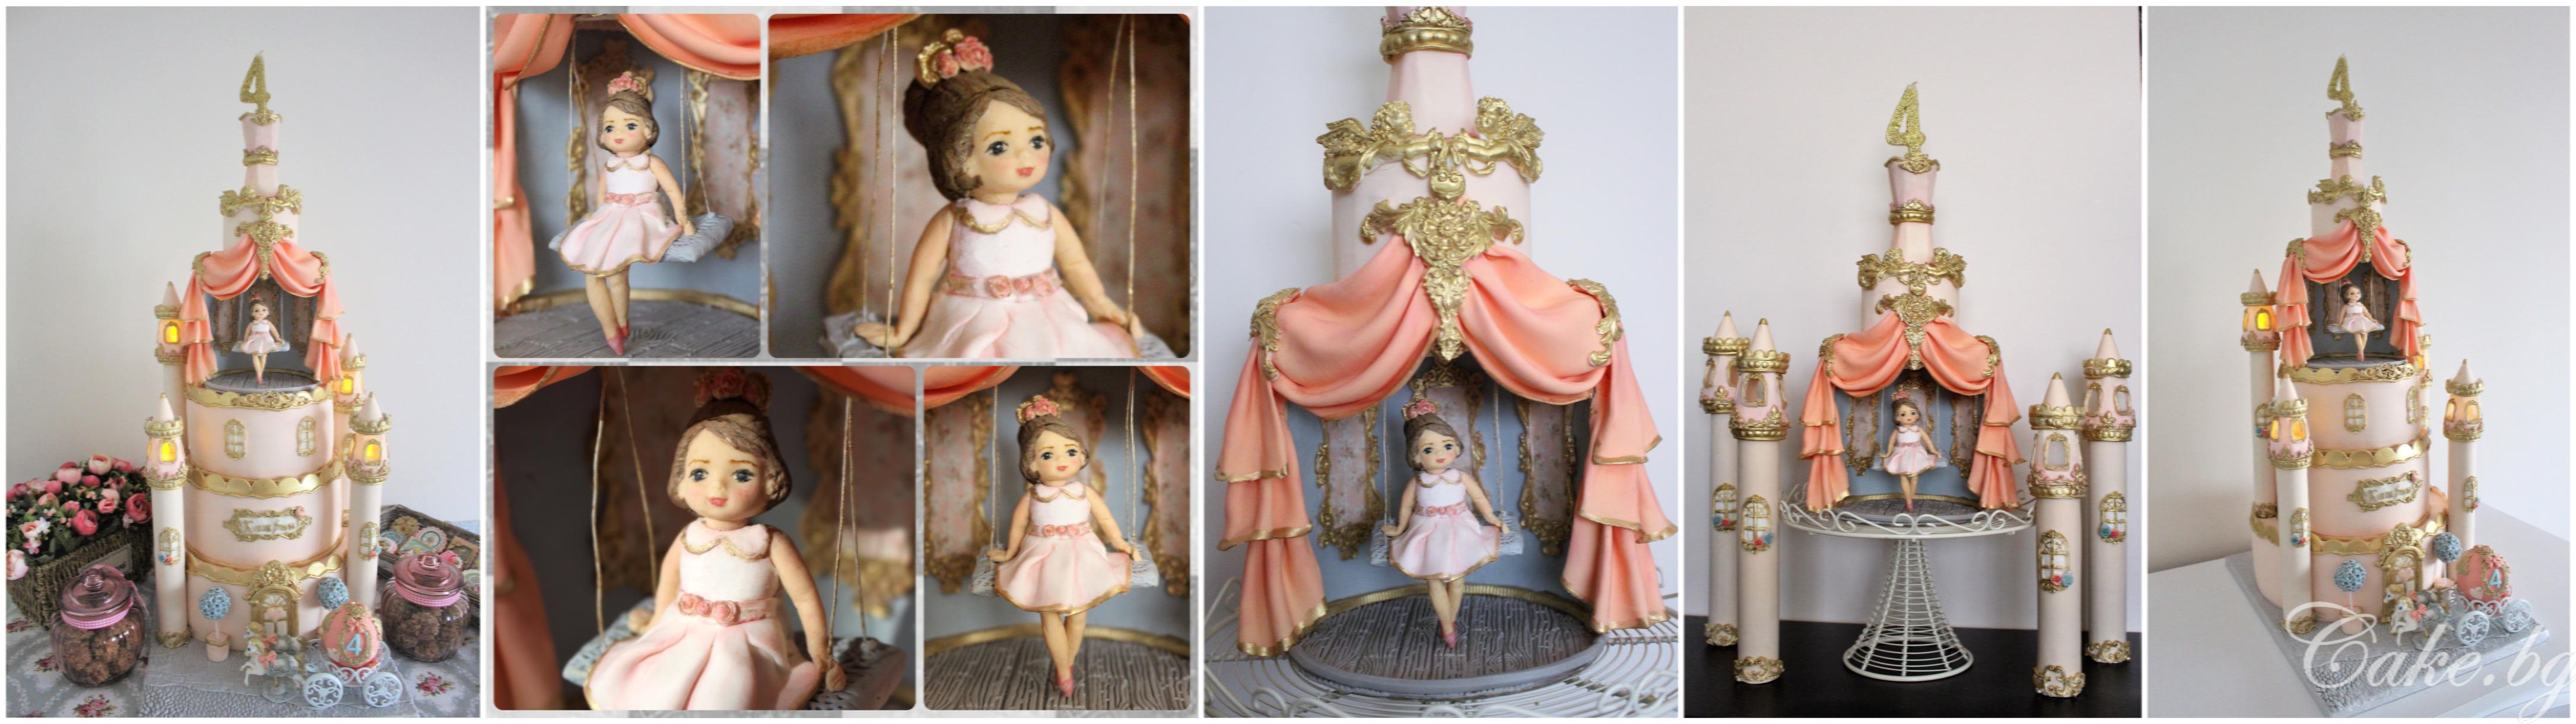 Торта Дворец